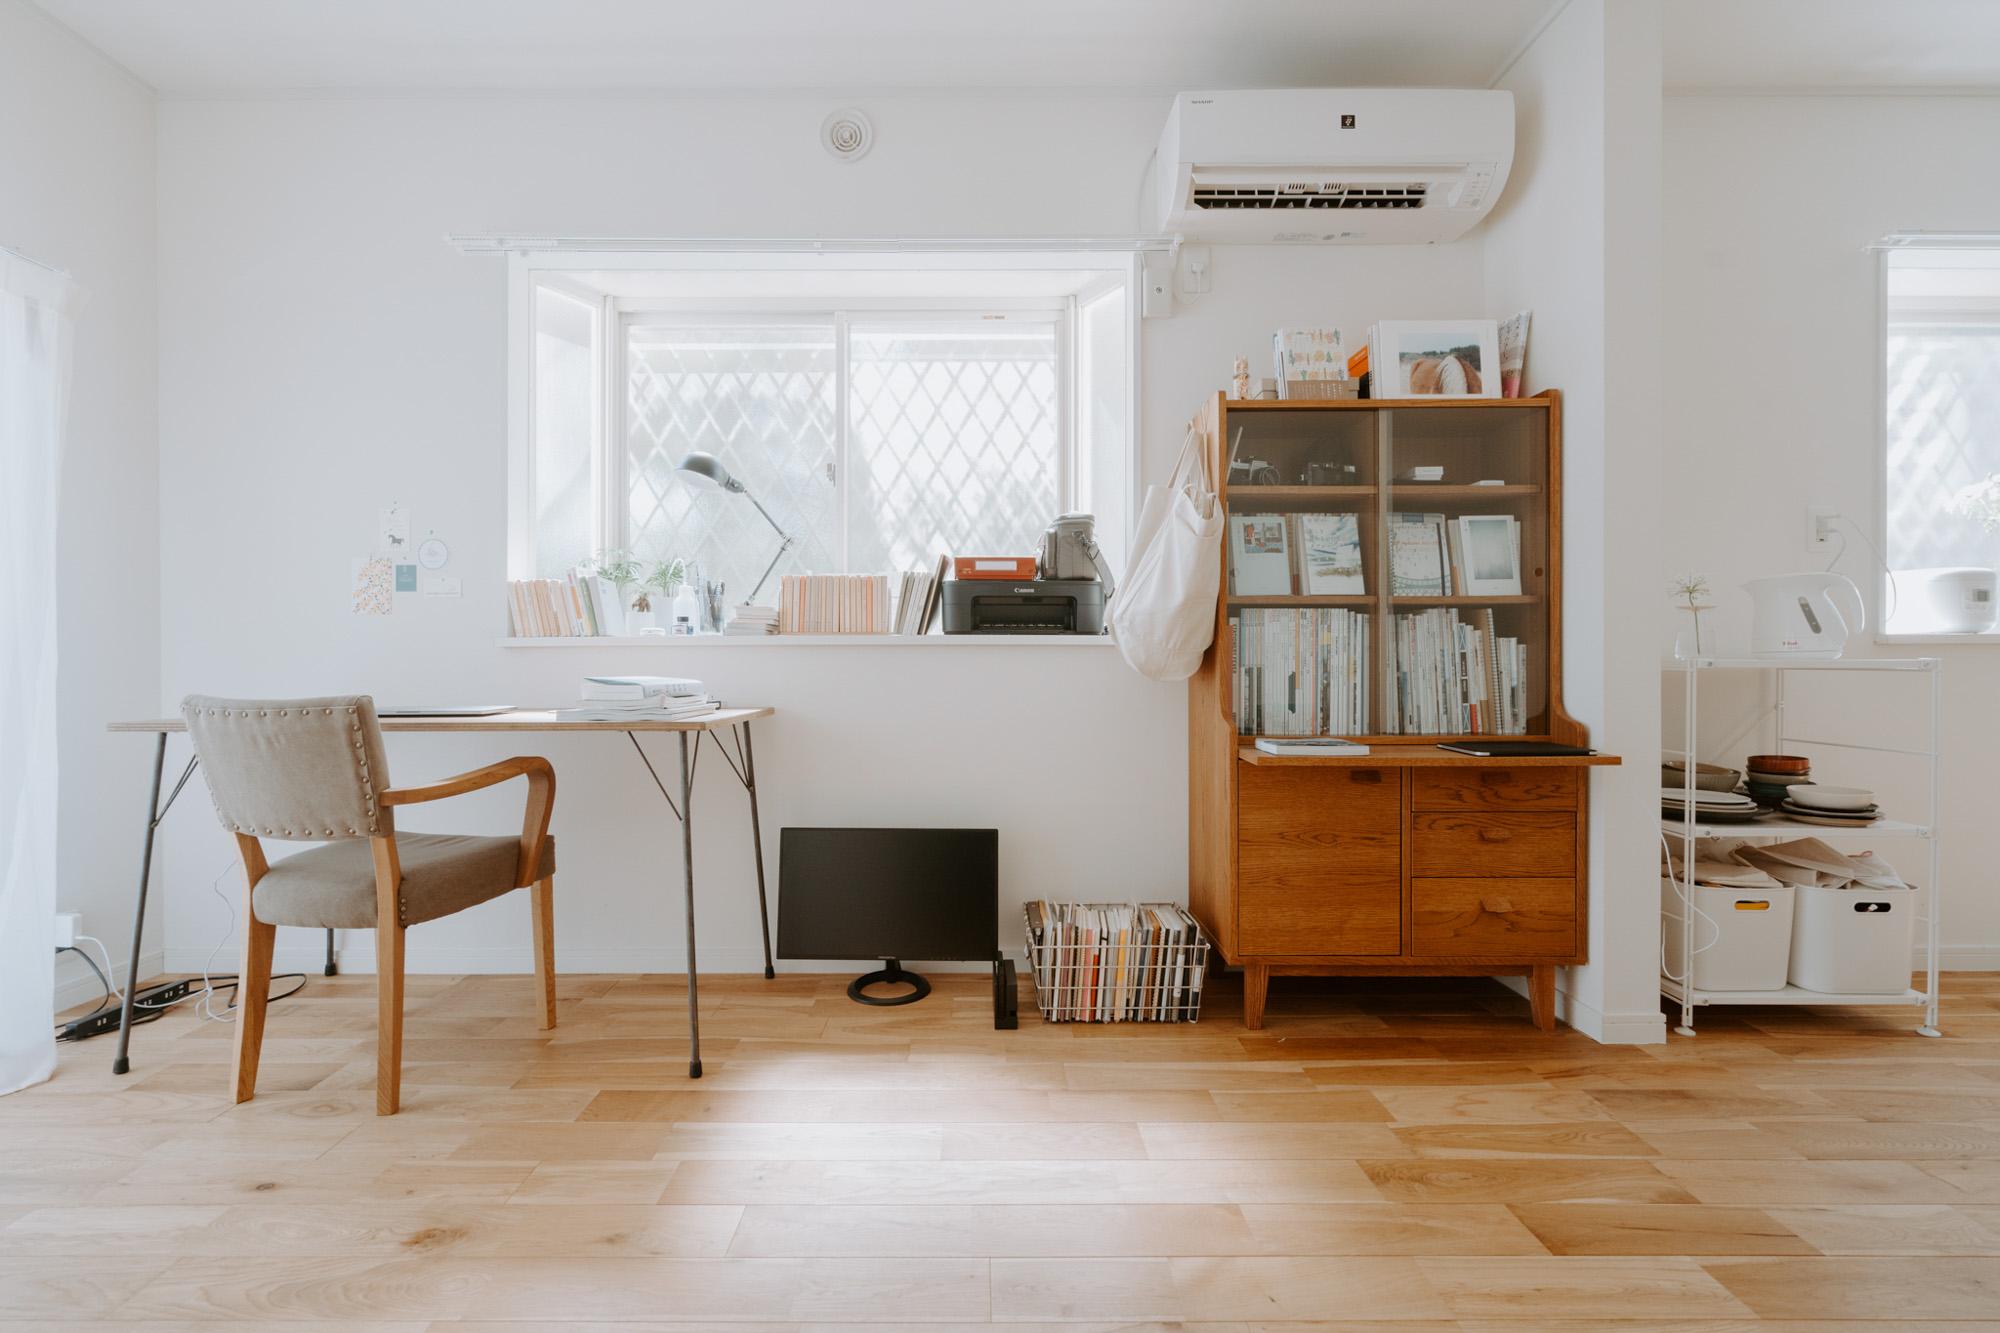 部屋の中の一番のお気に入りは、デスクの隣に置かれた unico の棚。